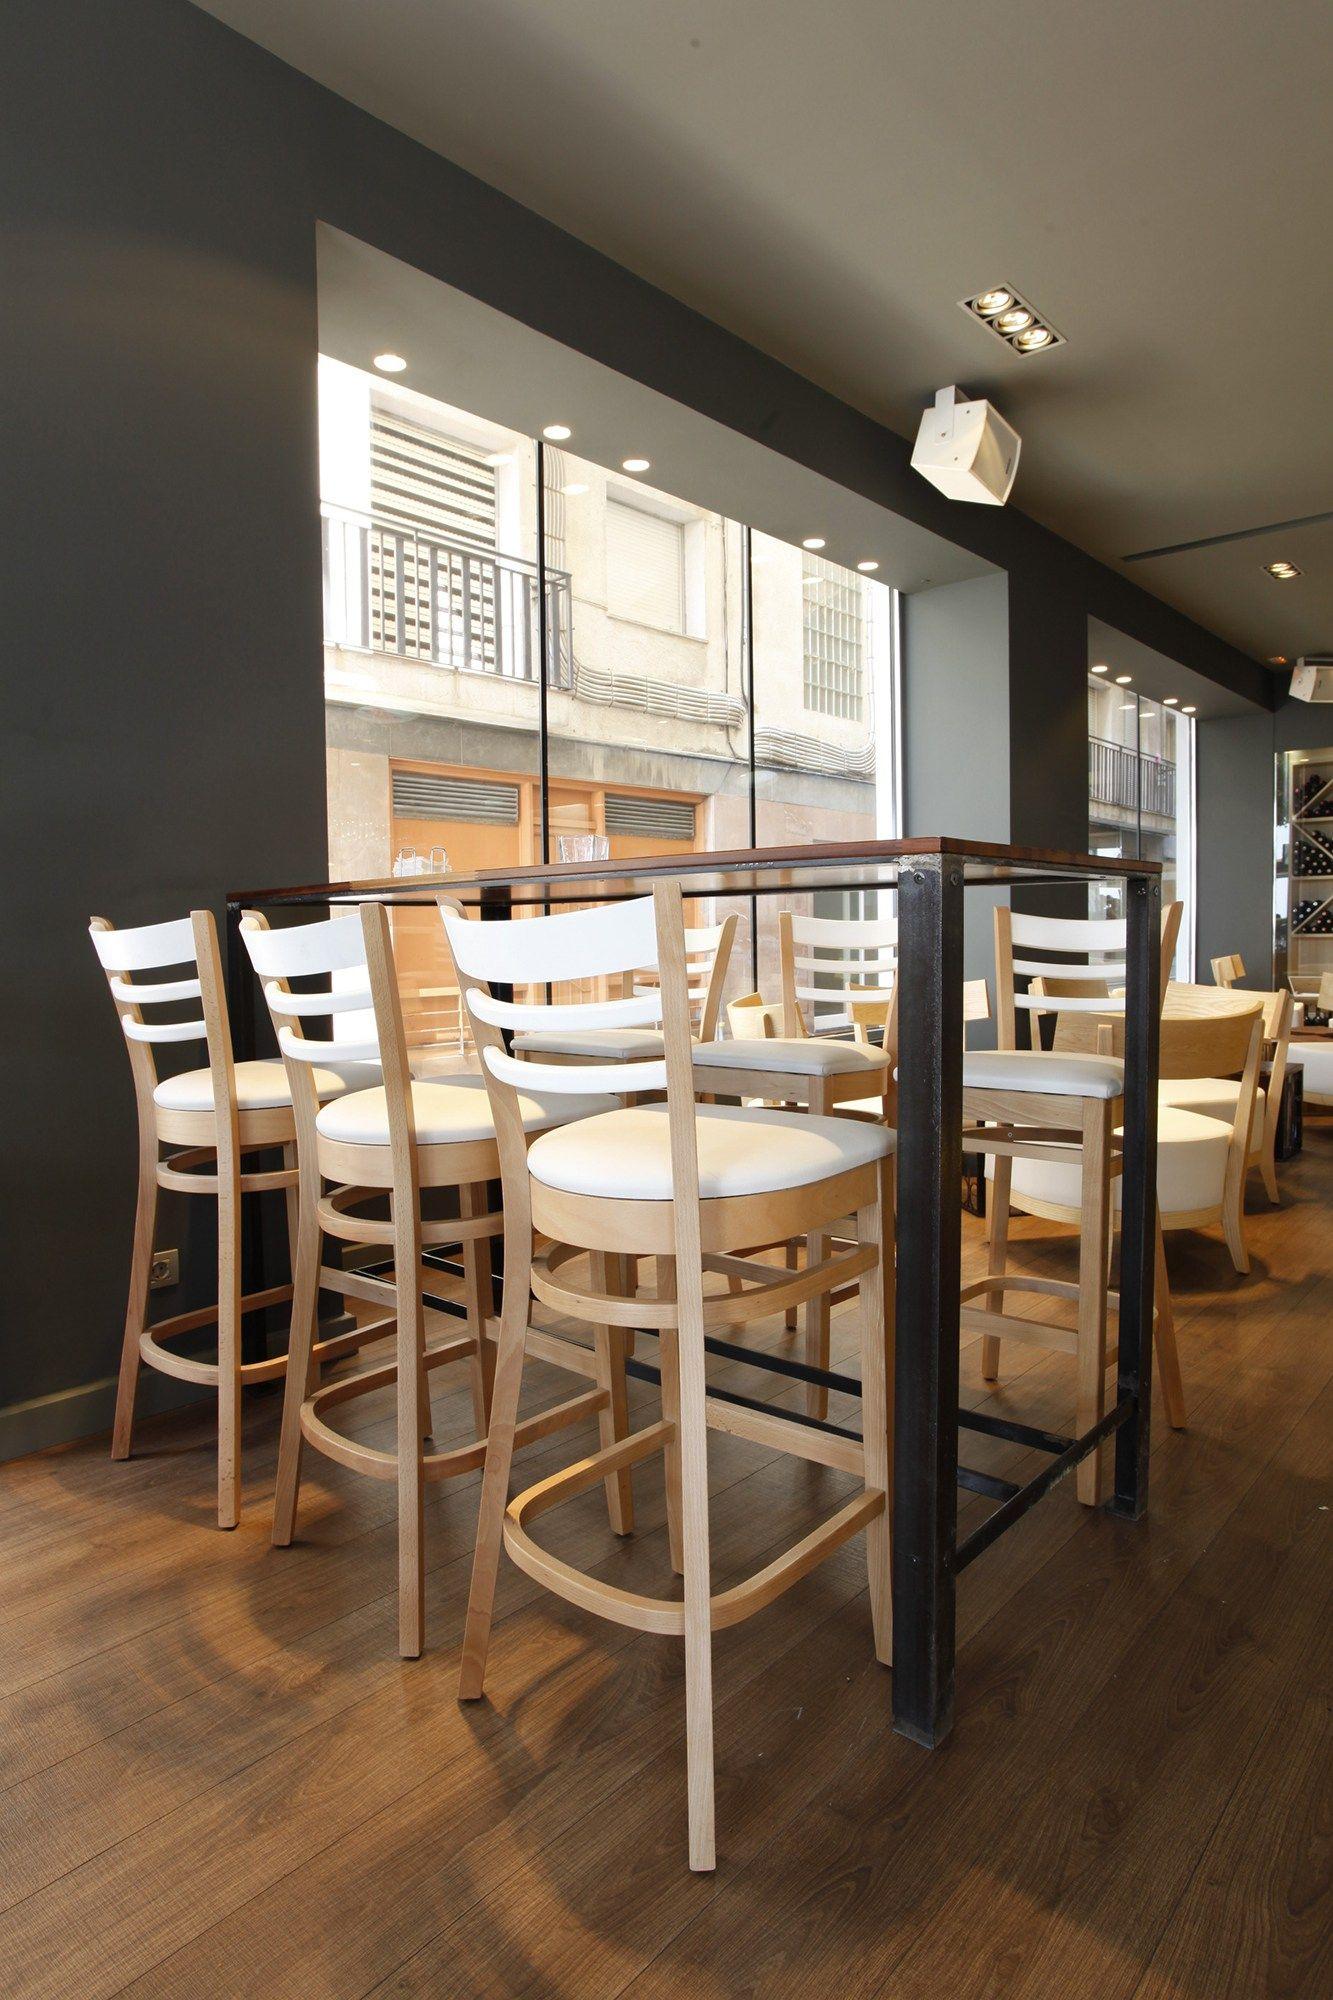 Va de catas restaurante exterior blanes dise o for Sillones exterior diseno